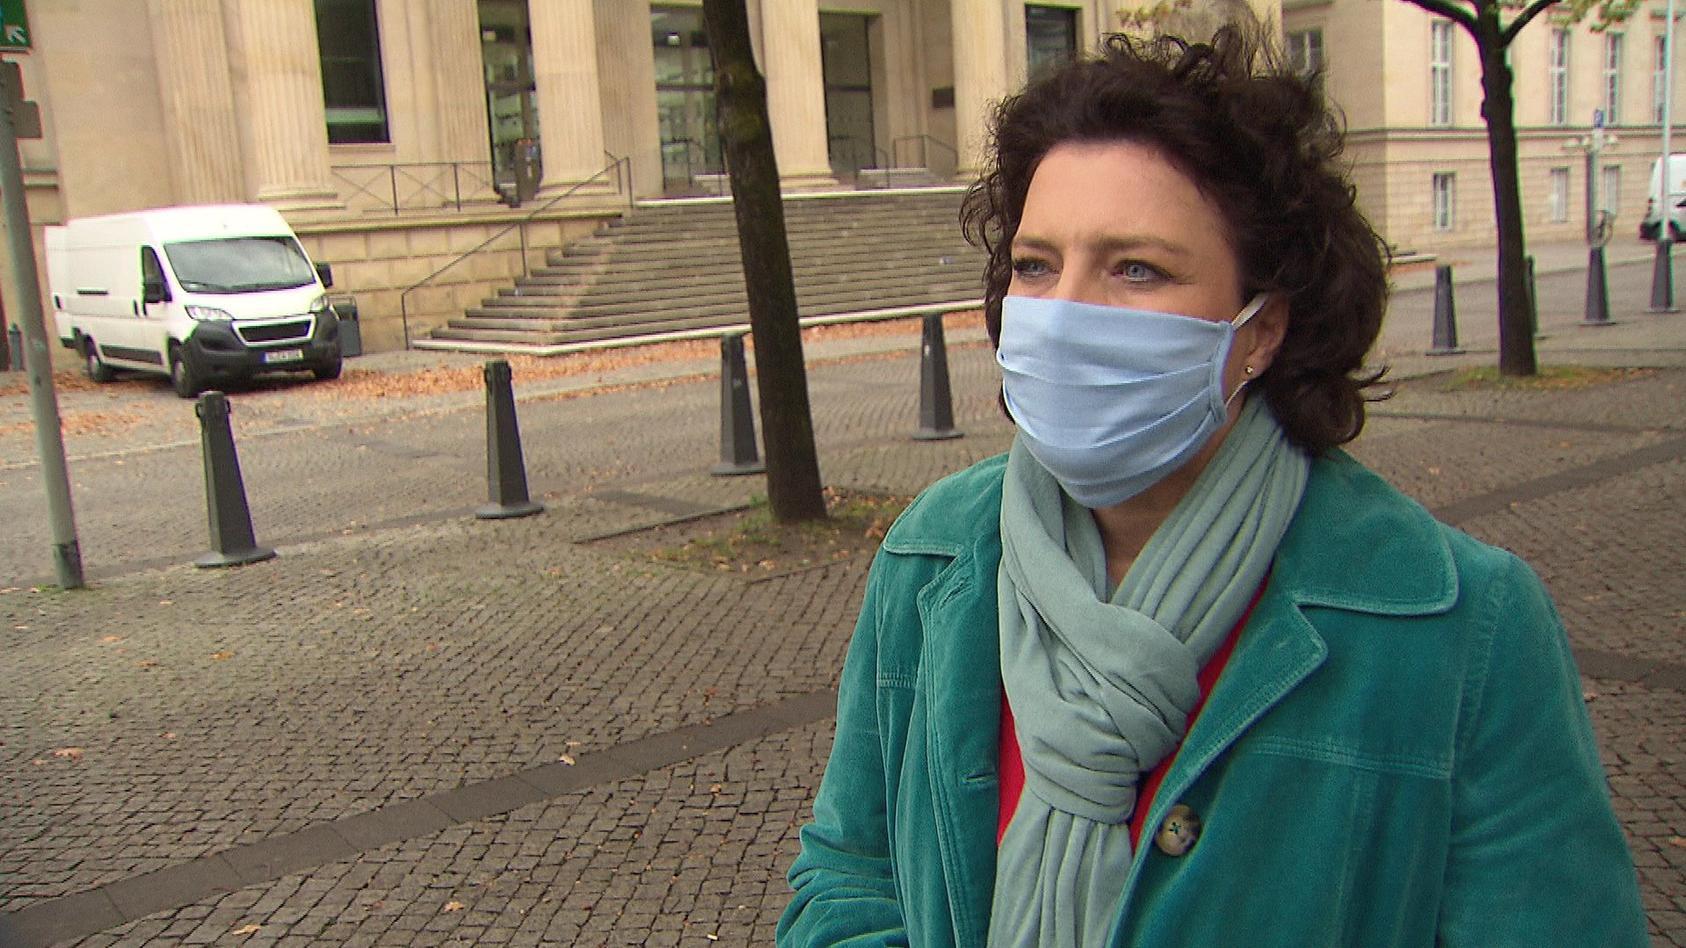 Gesundheitsministerin Carola Reimann im Interview.